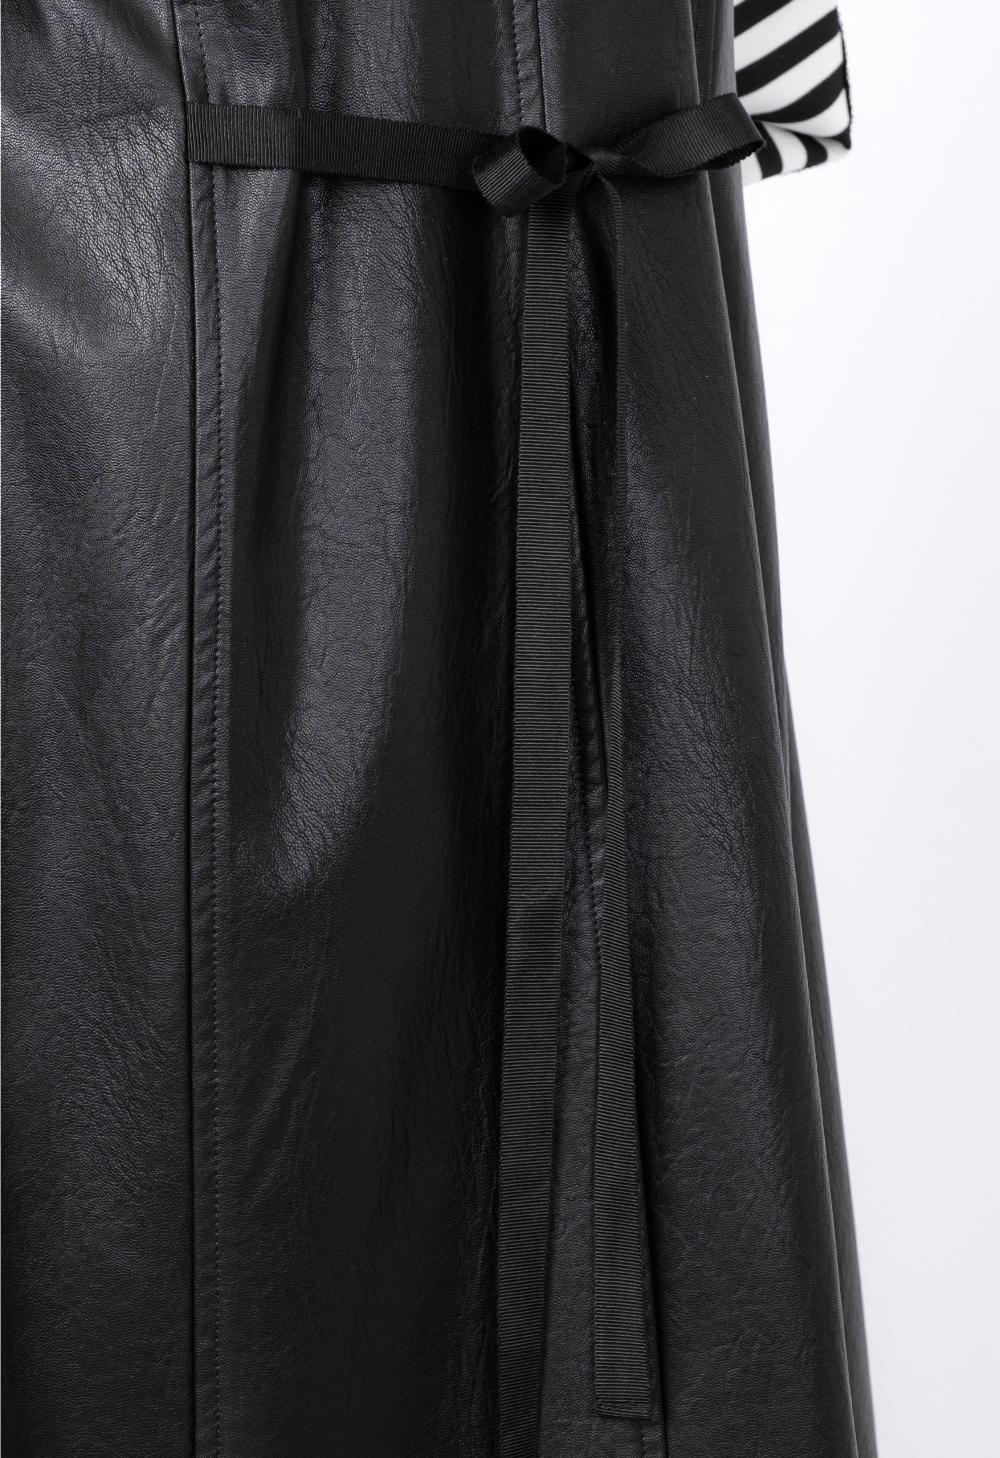 코트 모델 착용 이미지-S1L11